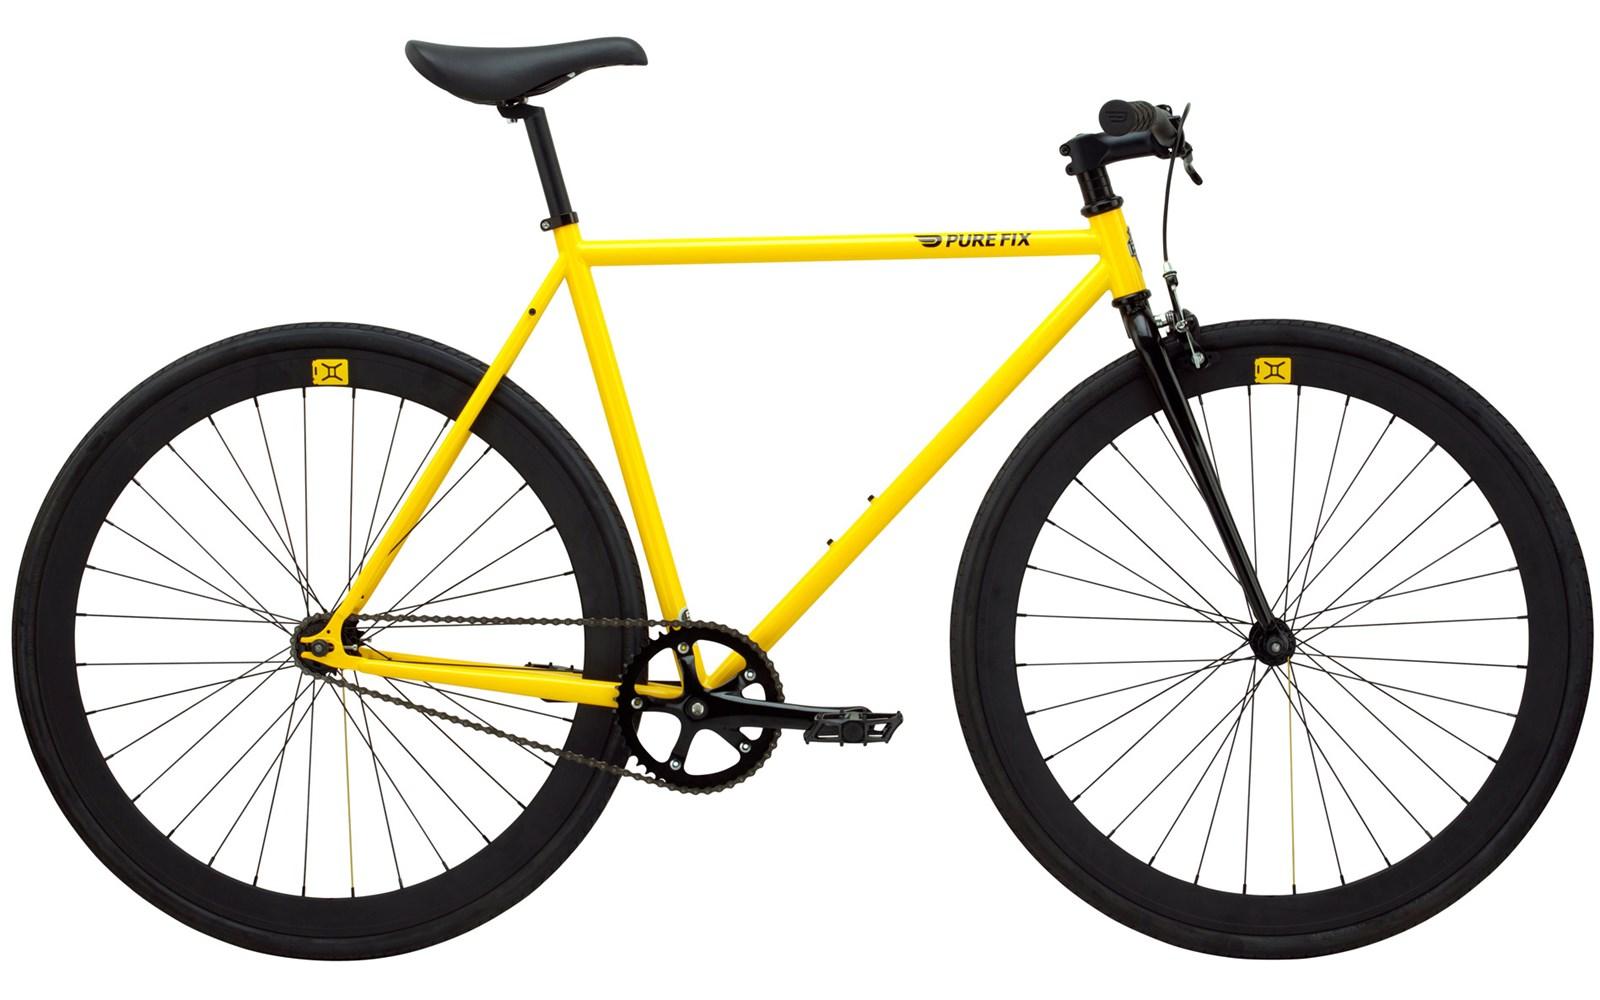 Велосипед Pure Fix Uniform (fixed gear) за 7700000 руб.